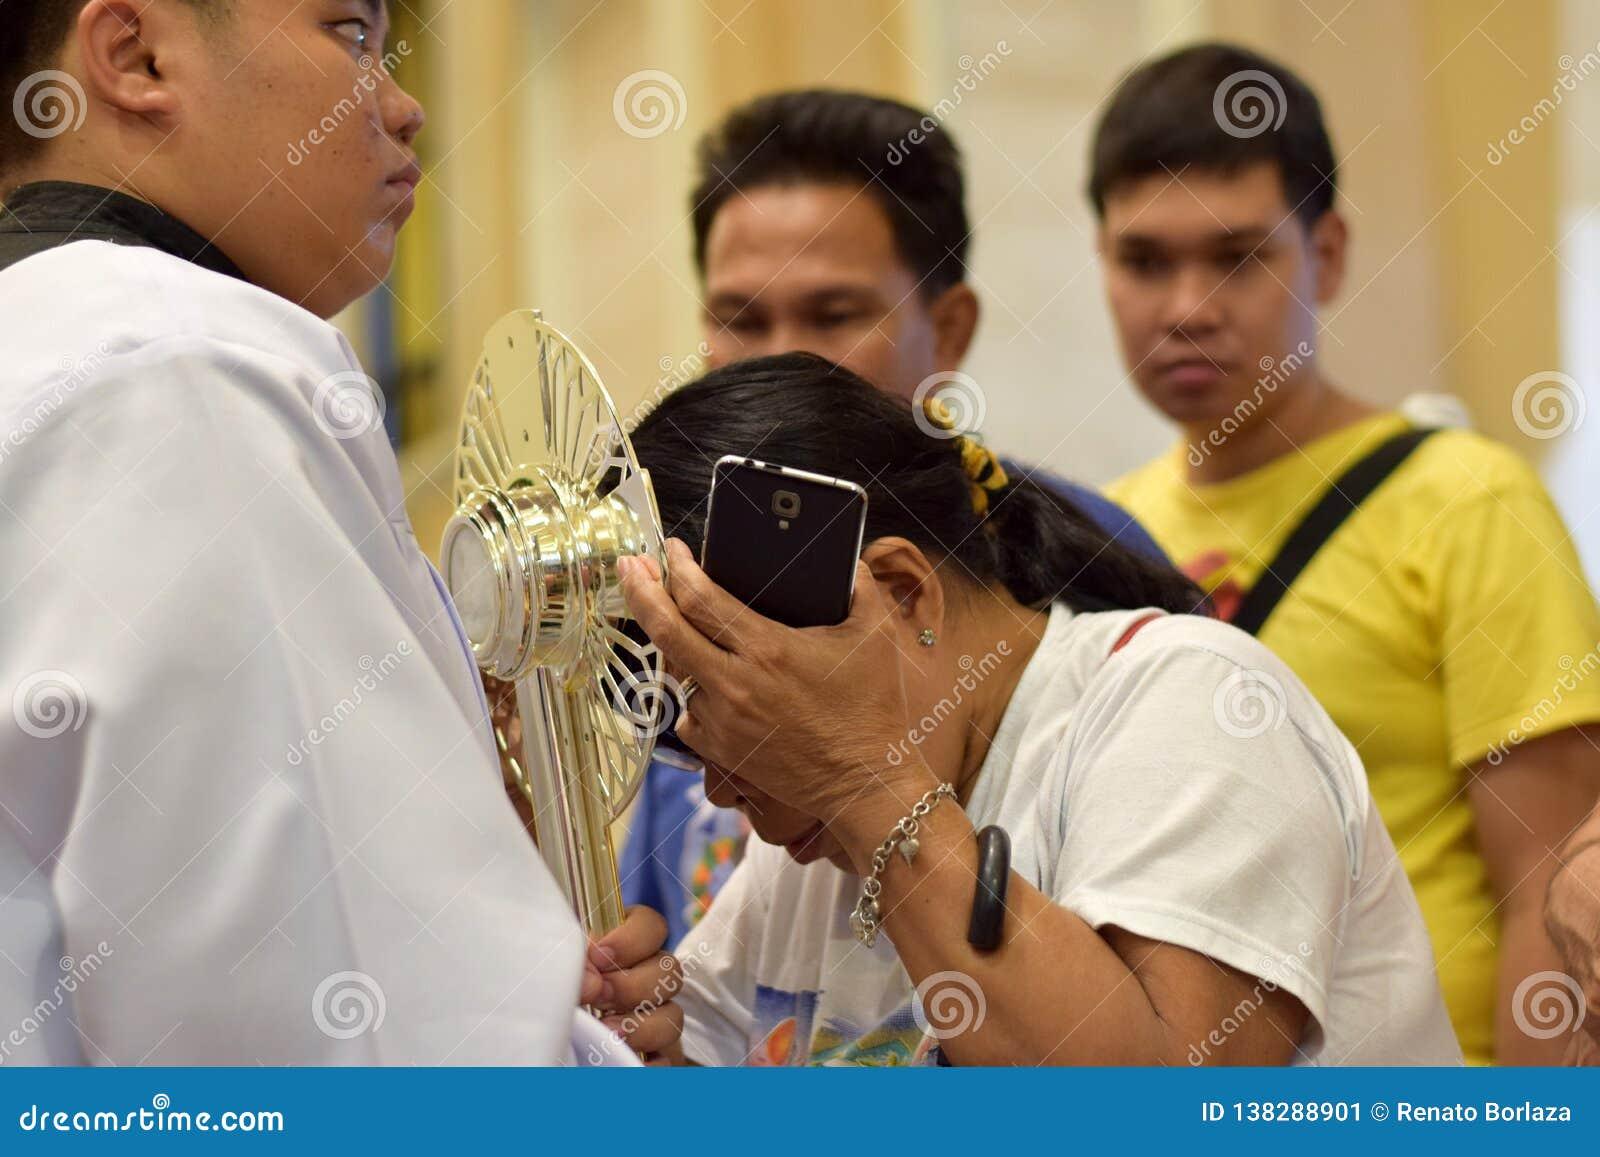 Rzymskokatolickim kobietom dają rzadkiej szansie całować Świętą monstrancję podczas grodzkiego lajkonika